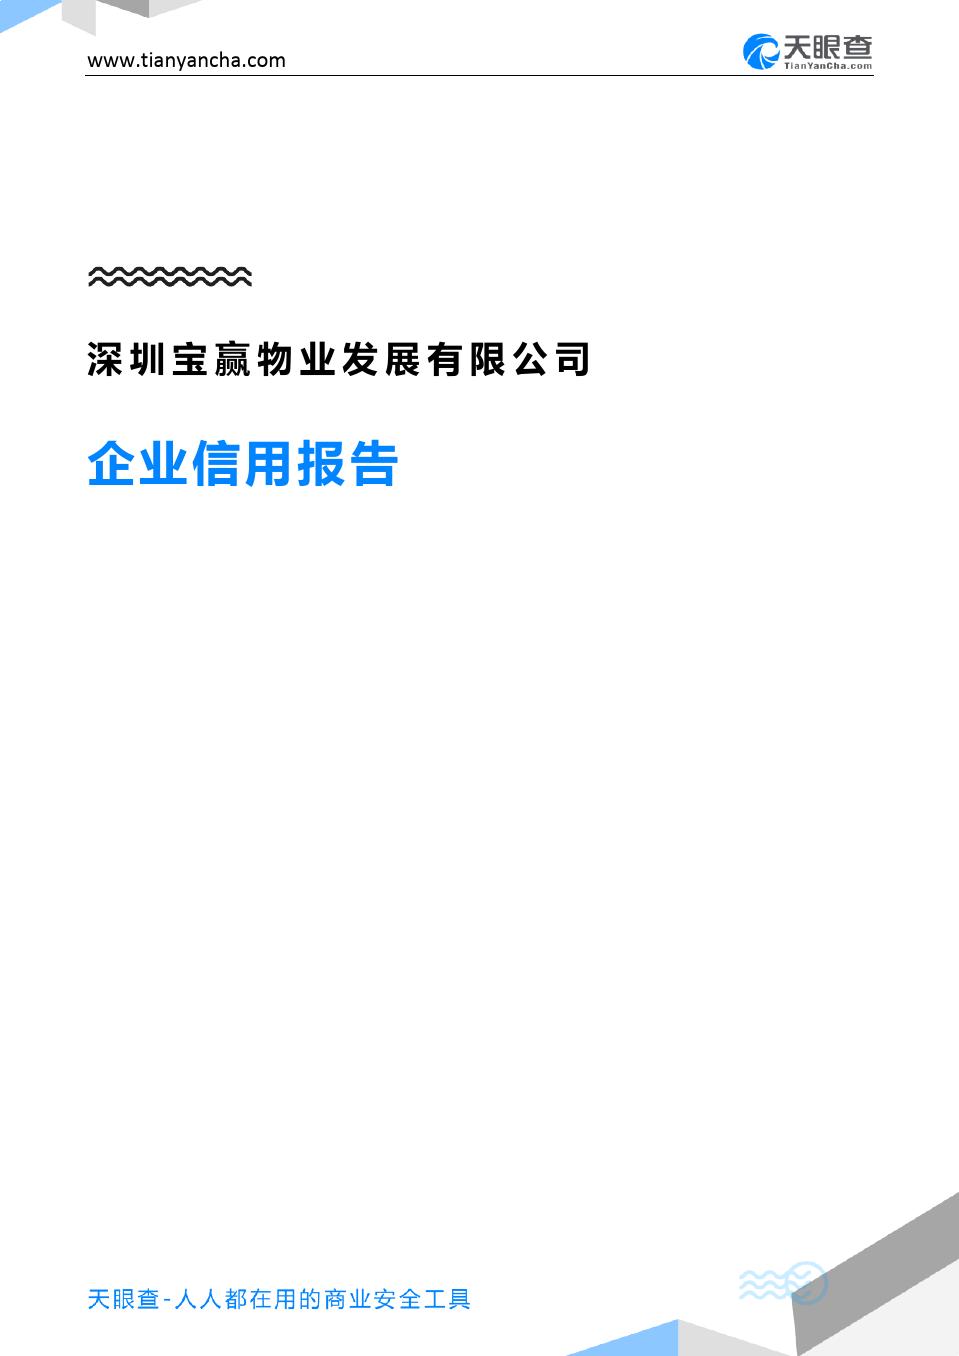 深圳宝赢物业发展有限公司(企业信用报告)- 天眼查